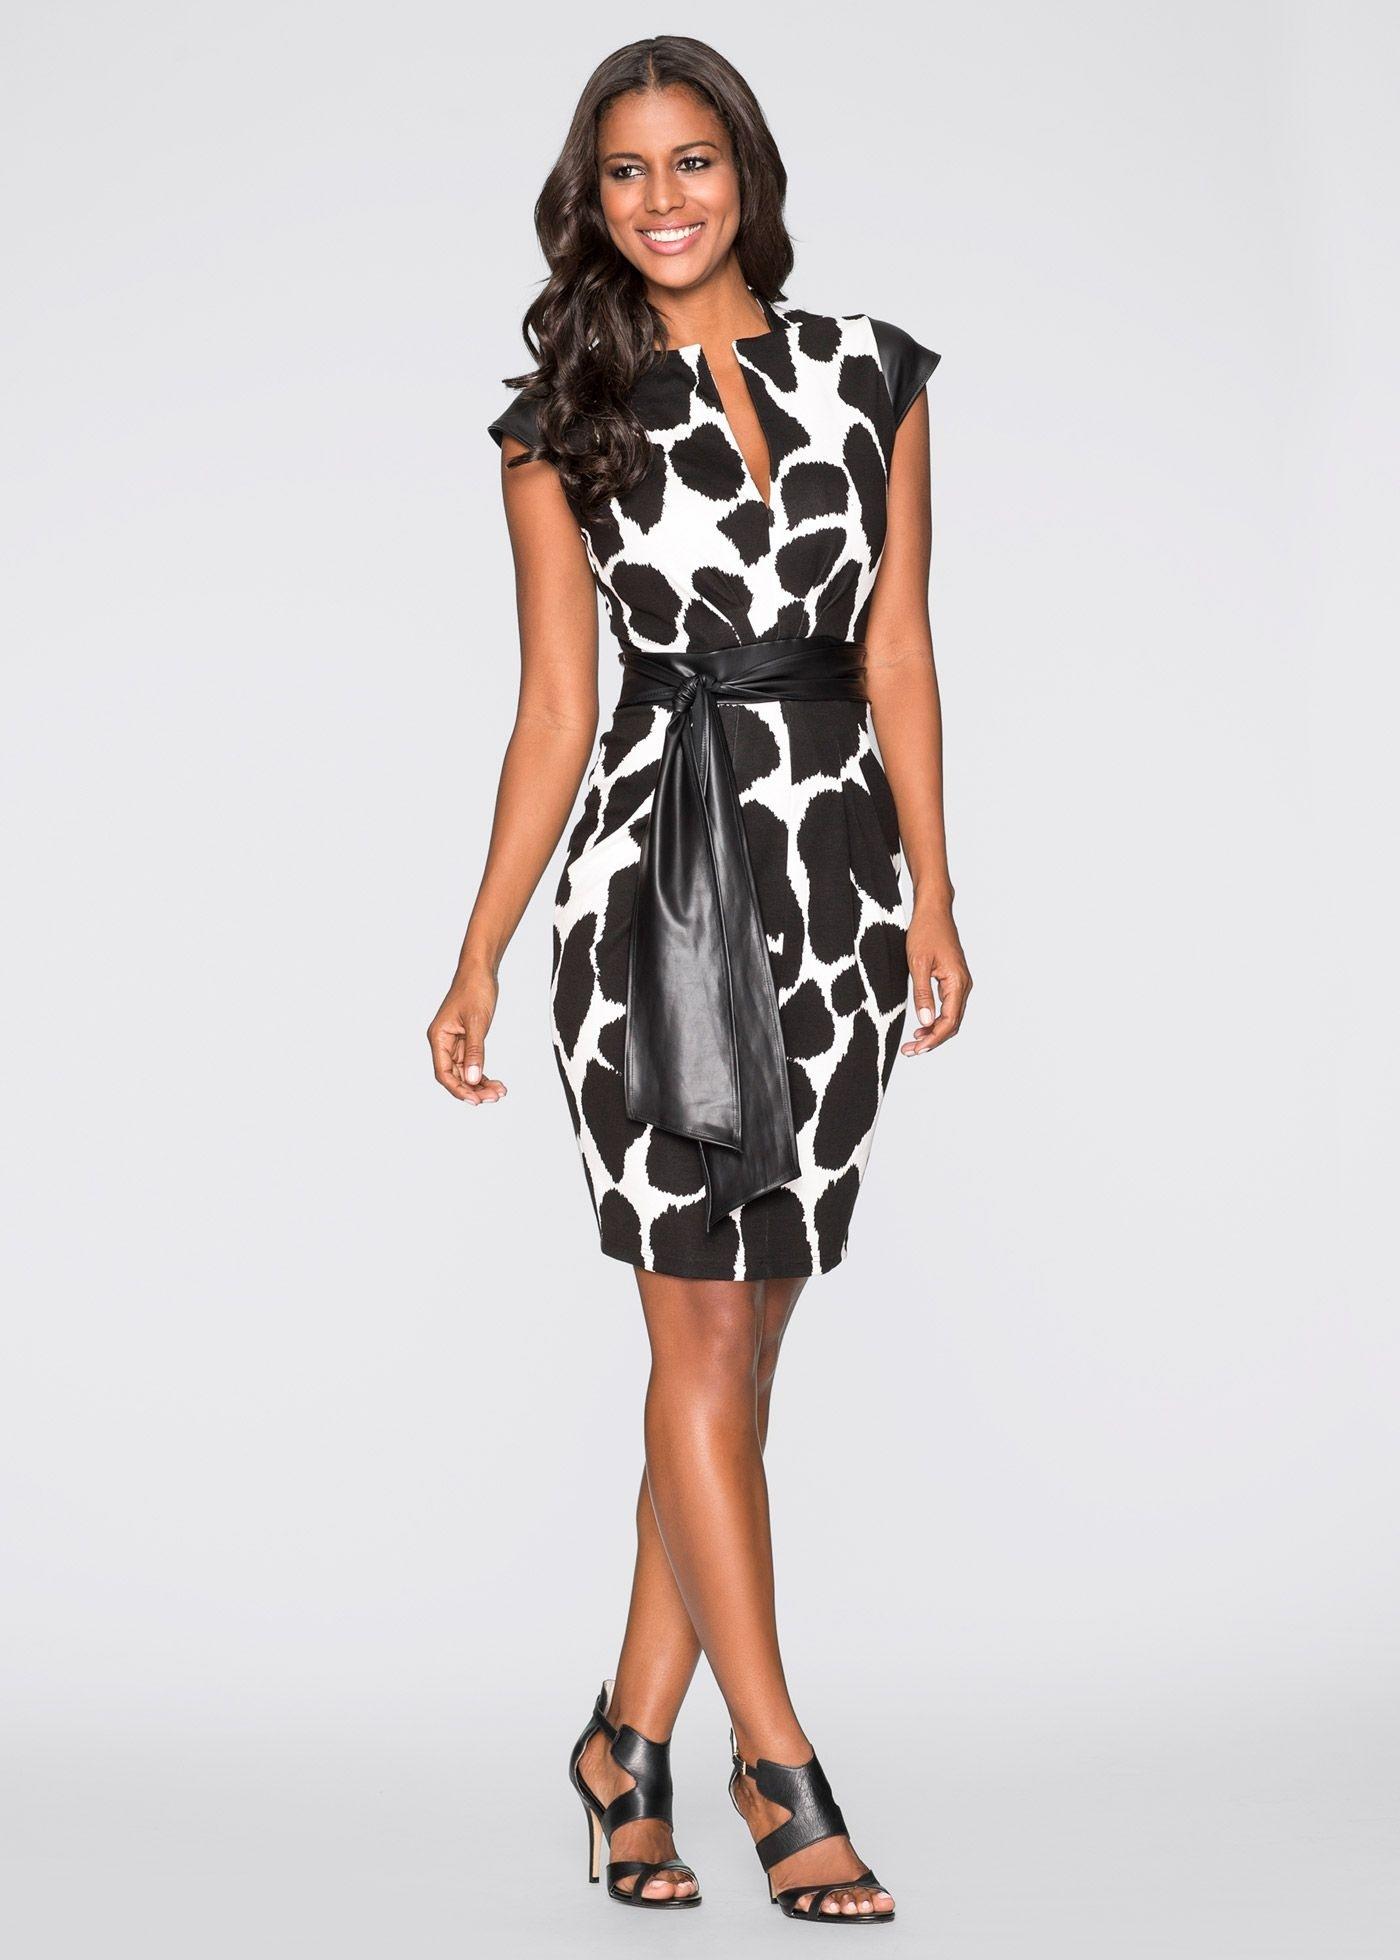 Leicht Elegante Kleider Für Ältere Damen VertriebDesigner Top Elegante Kleider Für Ältere Damen Bester Preis